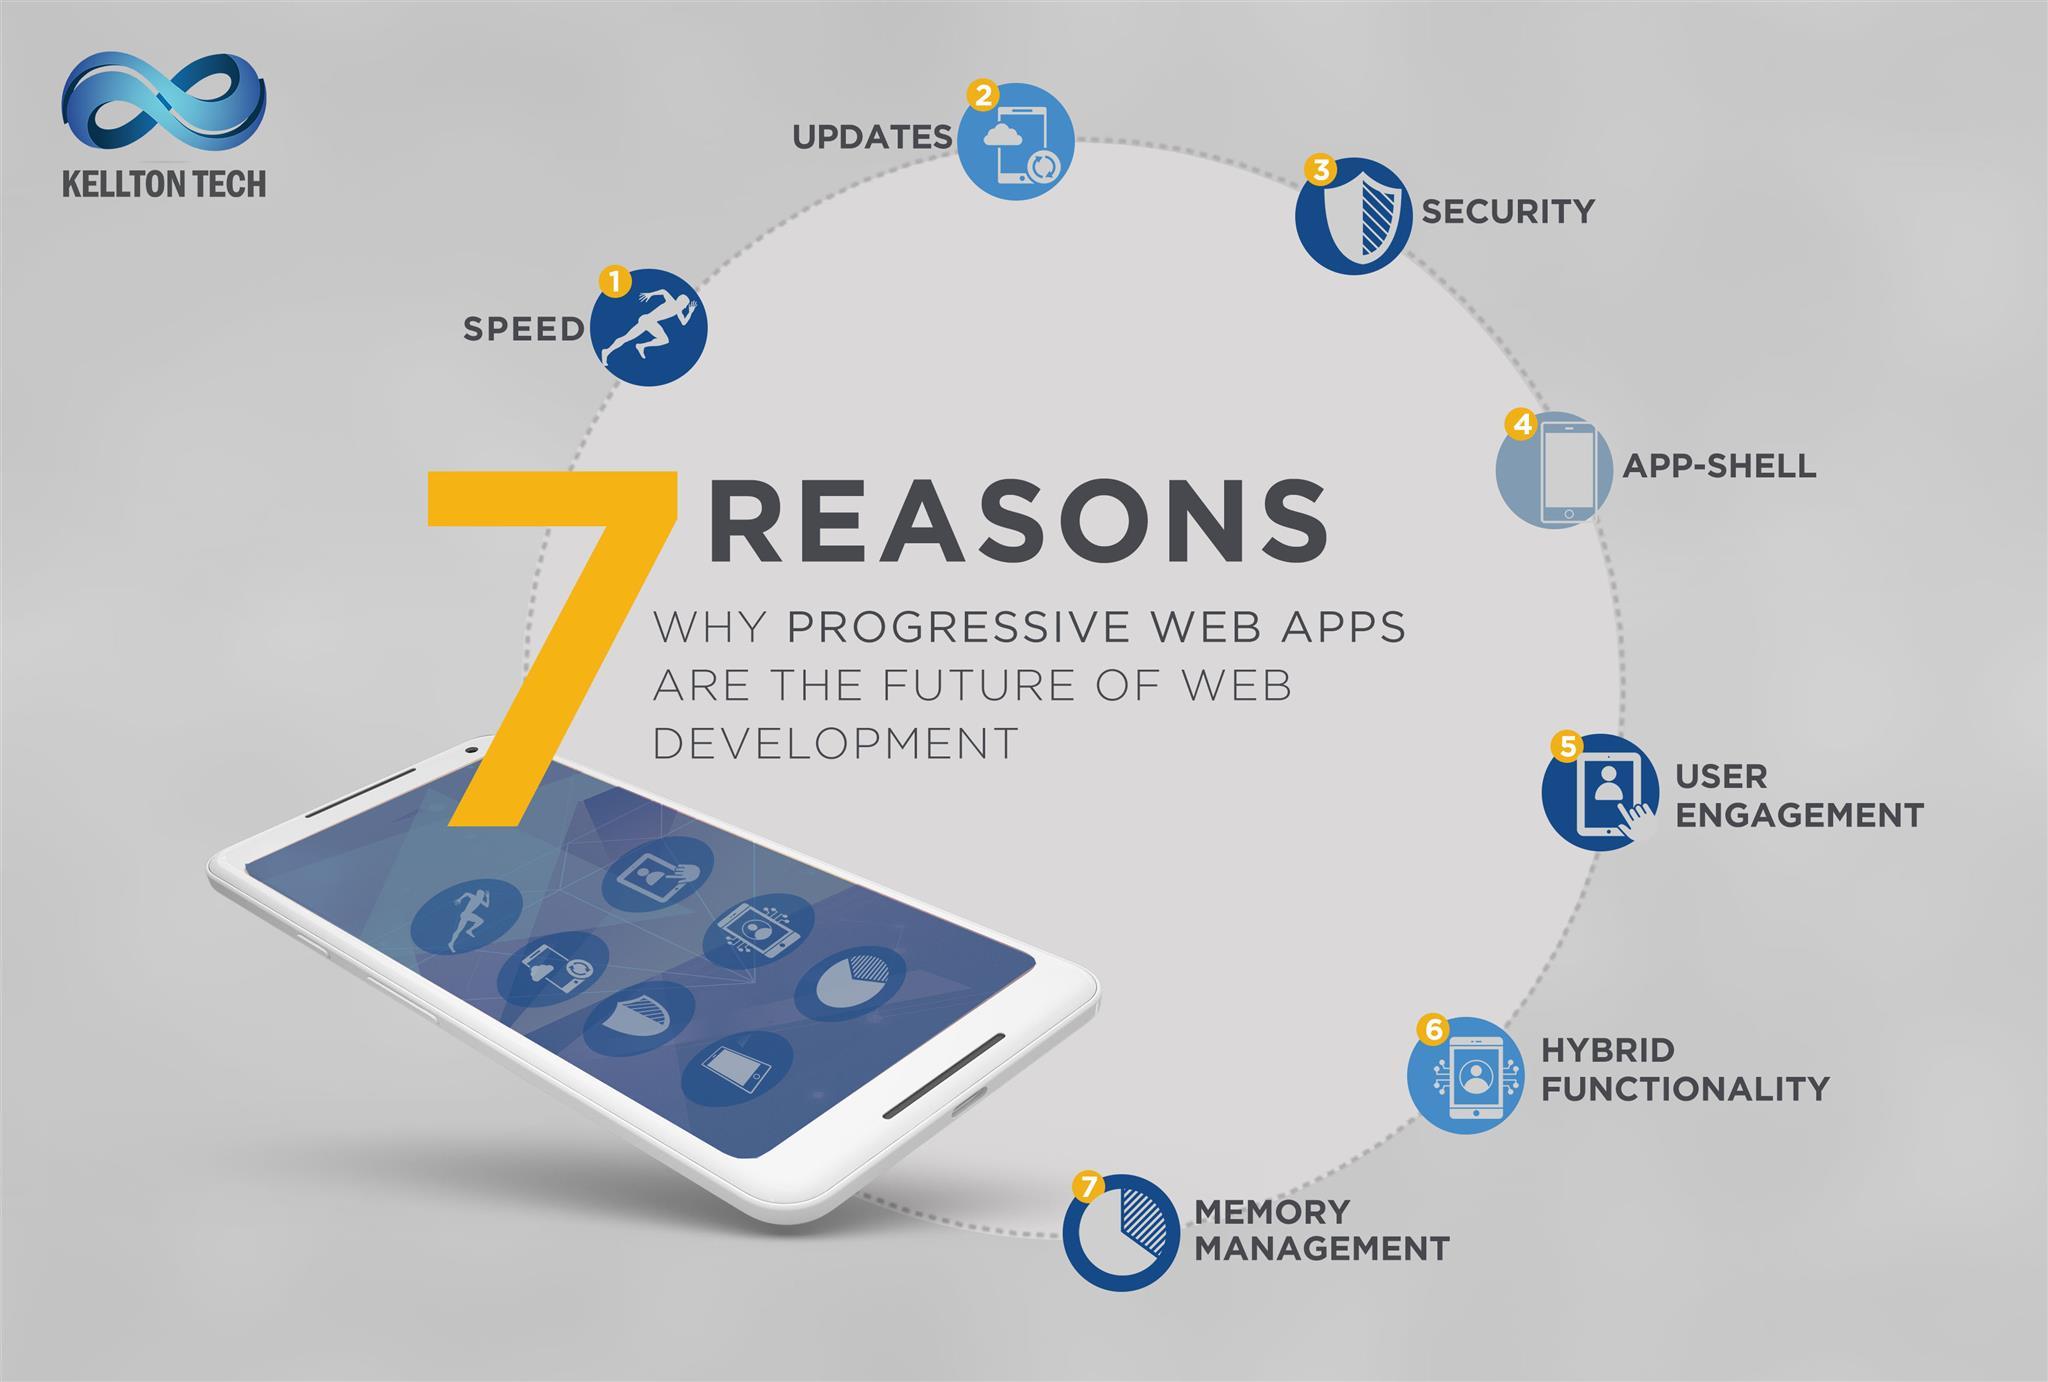 7 Critical Reasons why Progressive Web Apps are the Future of Web Development